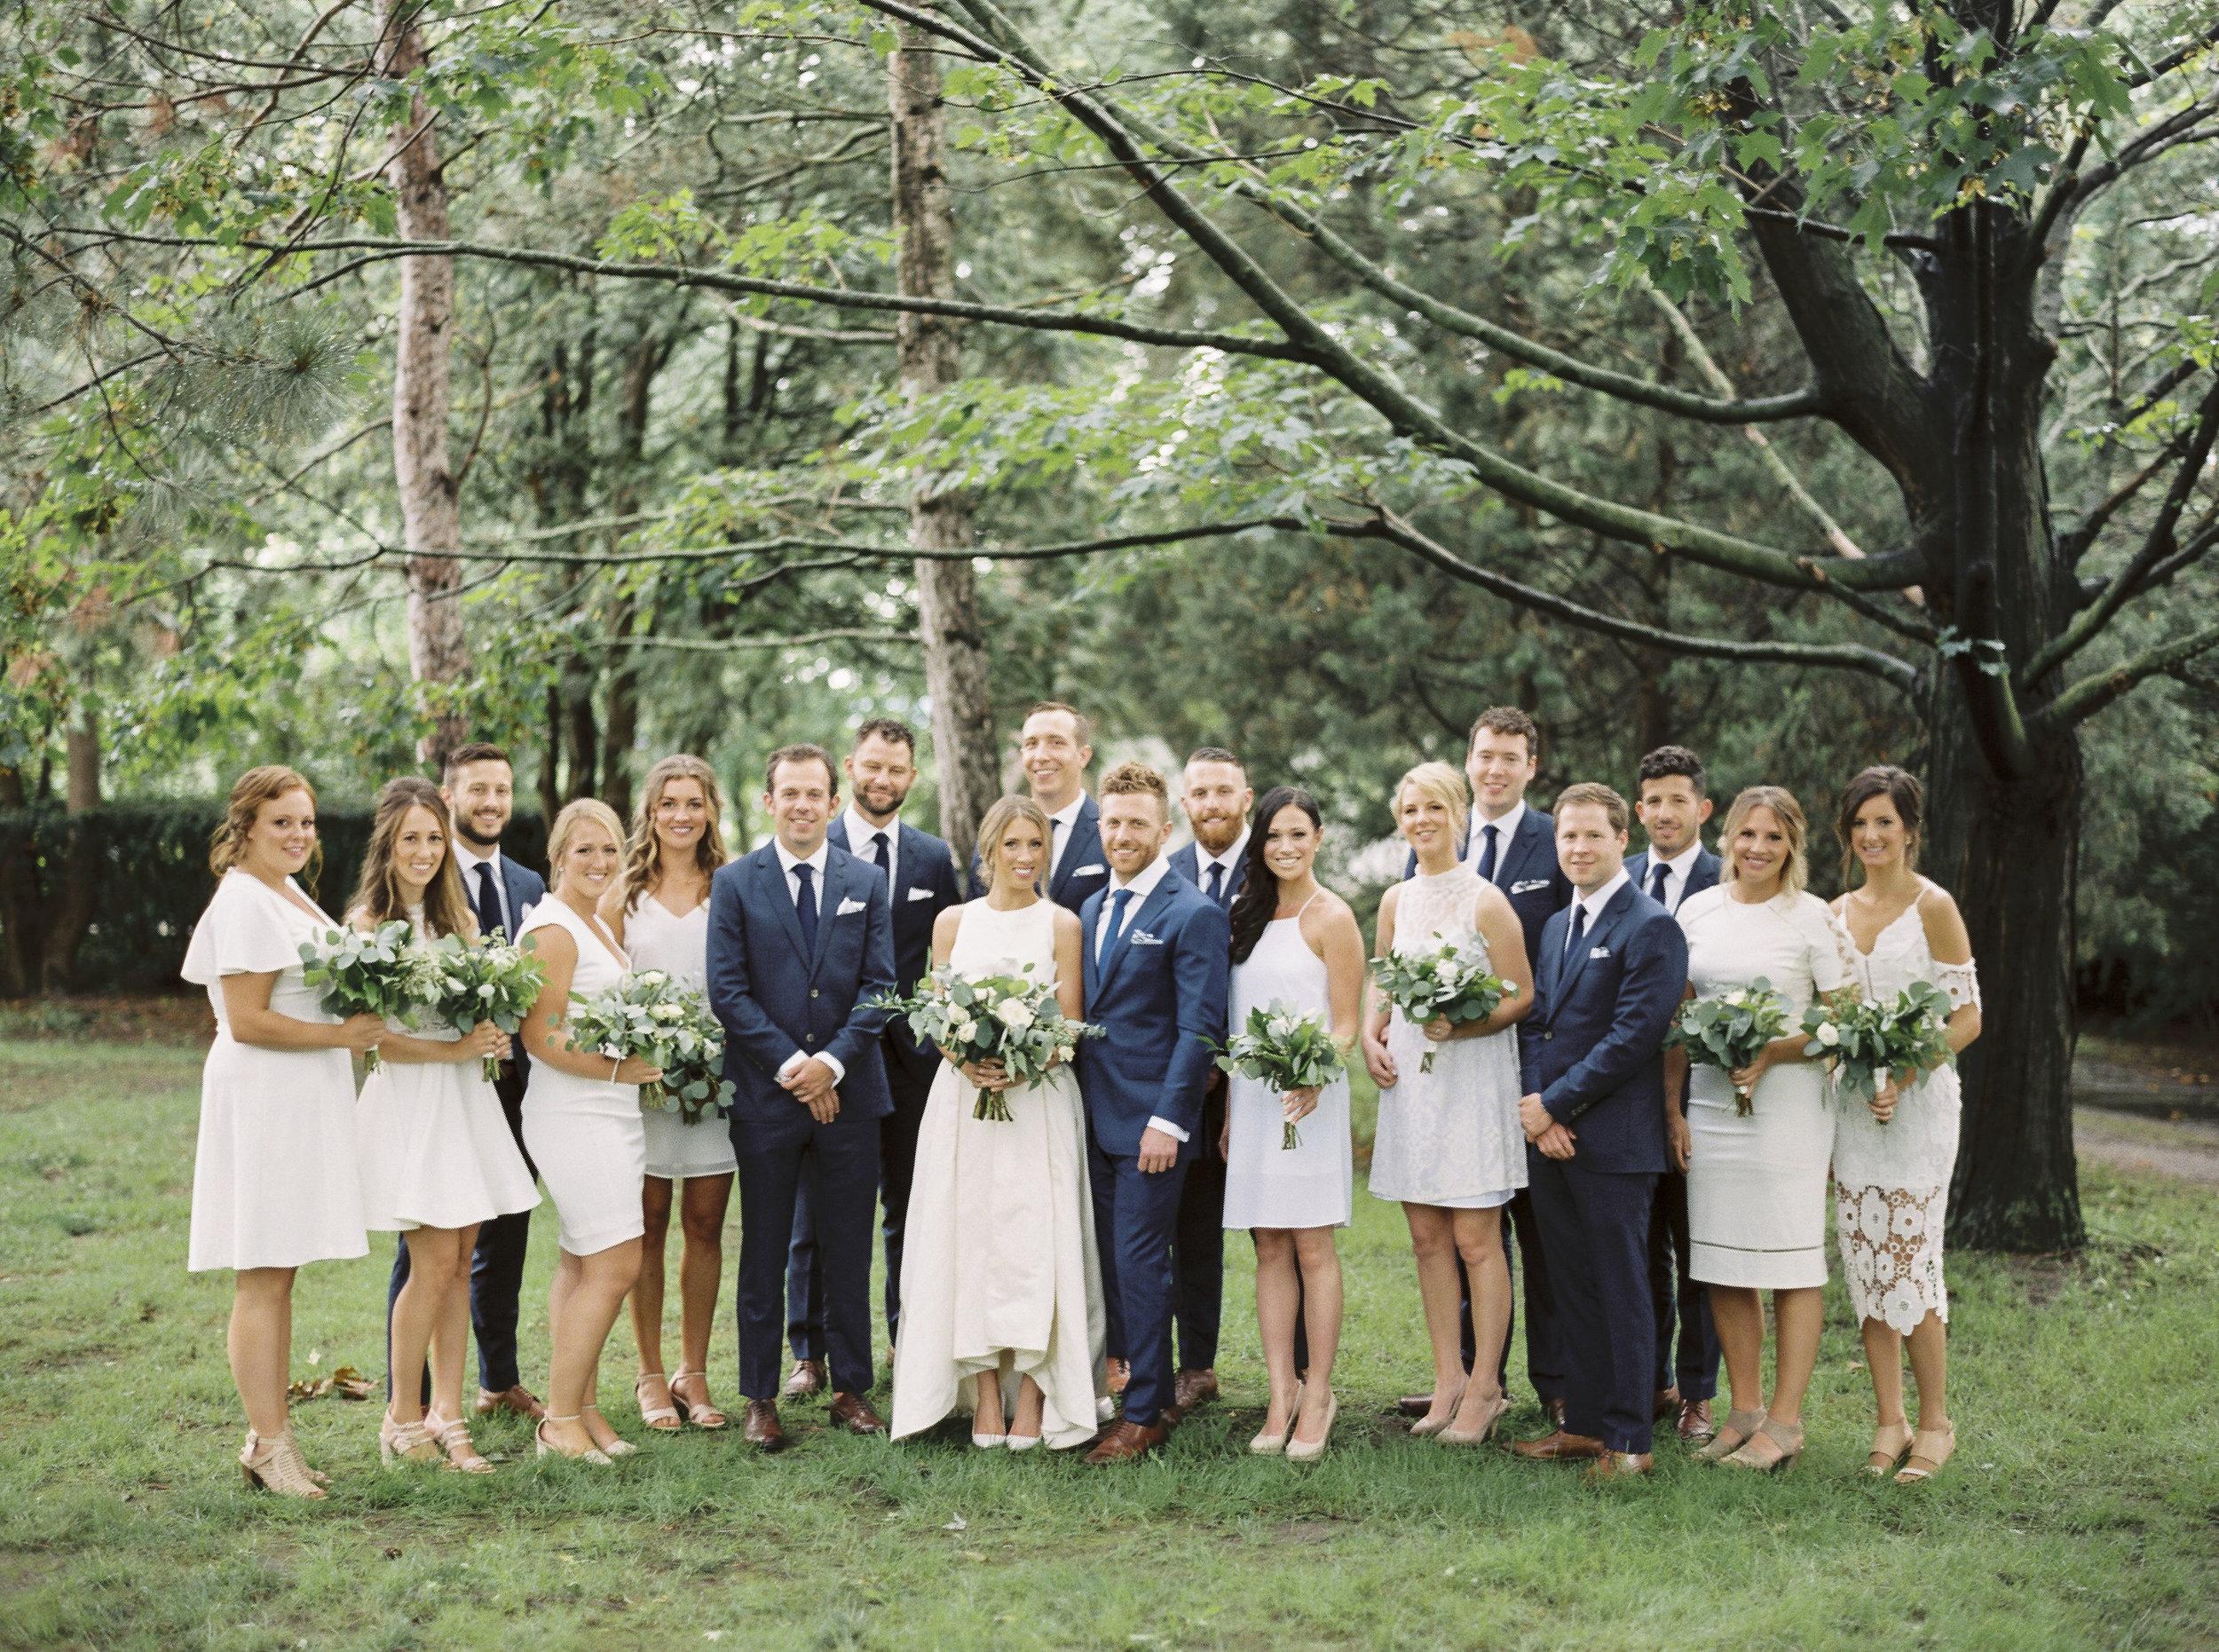 Wedding___Nicole___Eric_173.jpg